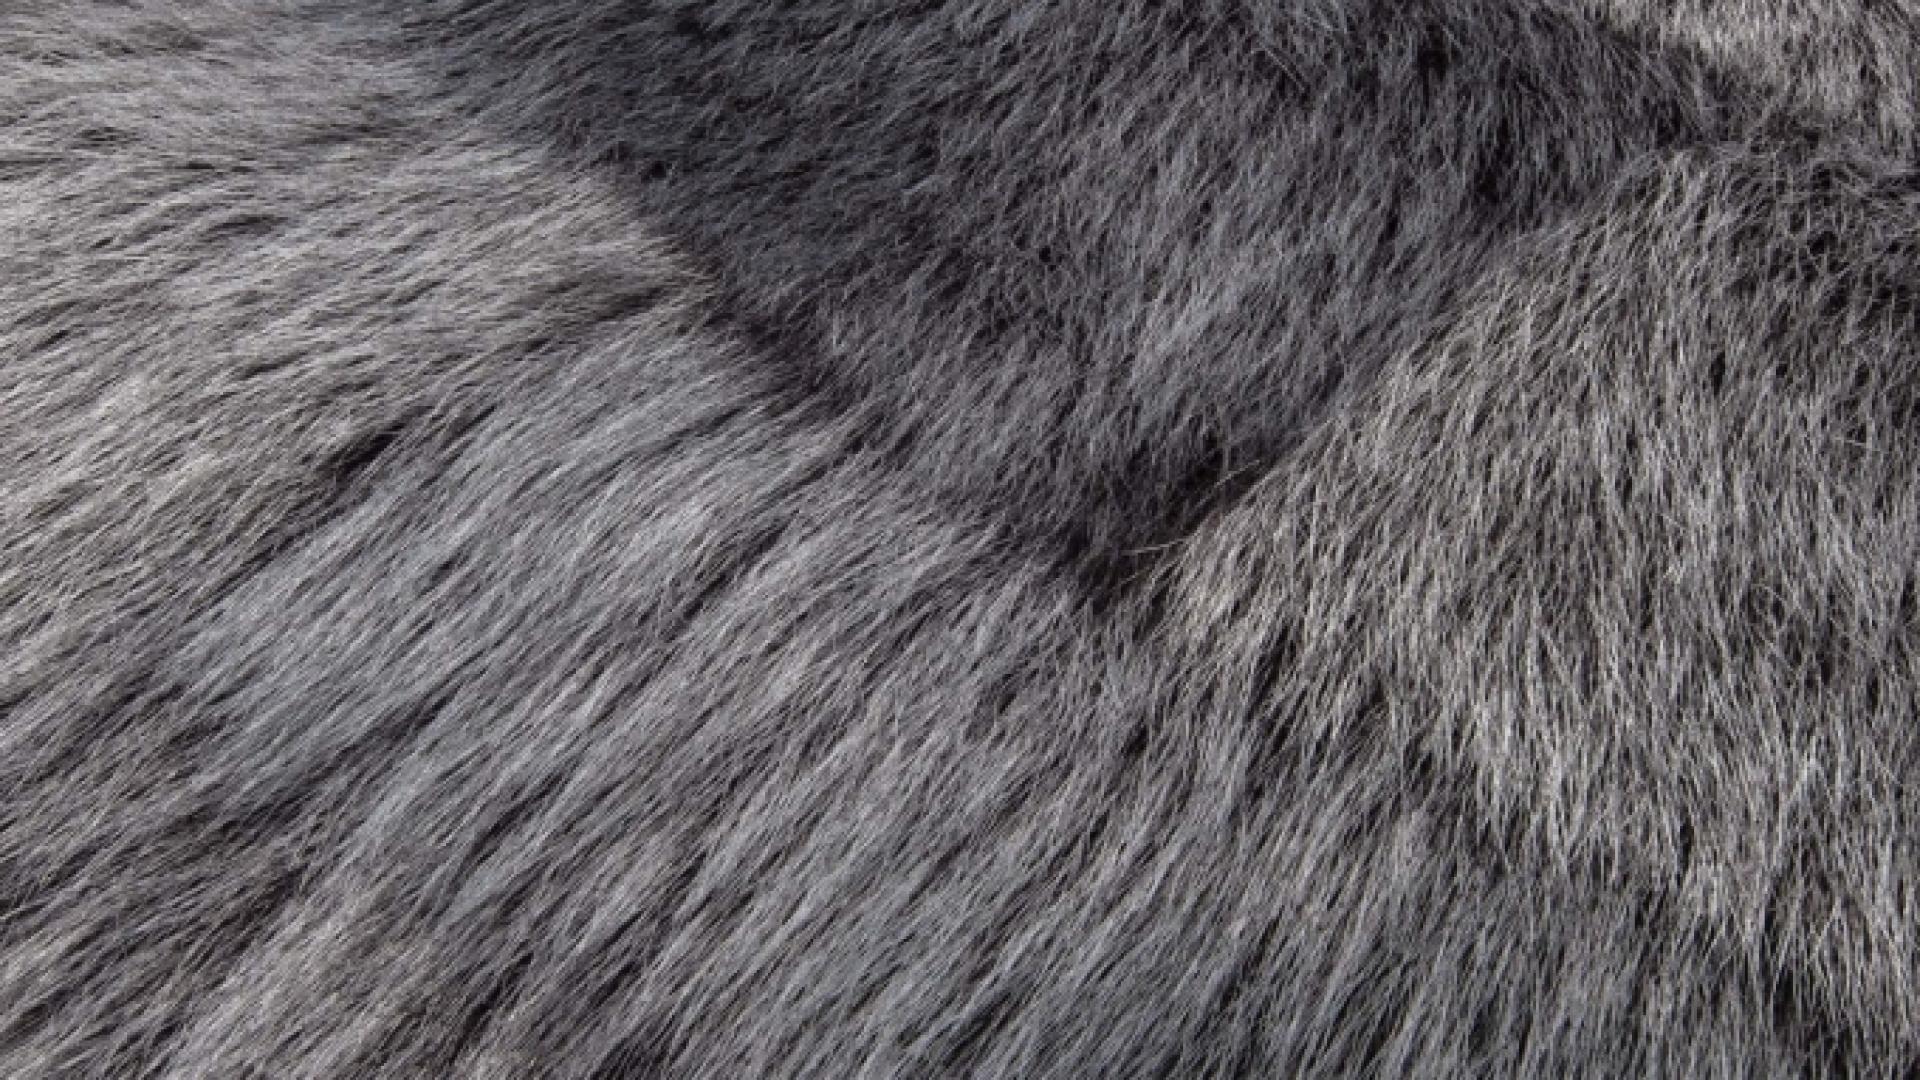 KLEIN-Carpet-ruimtelijk-Sheep-DTO-001-27-bewerkt.jpg